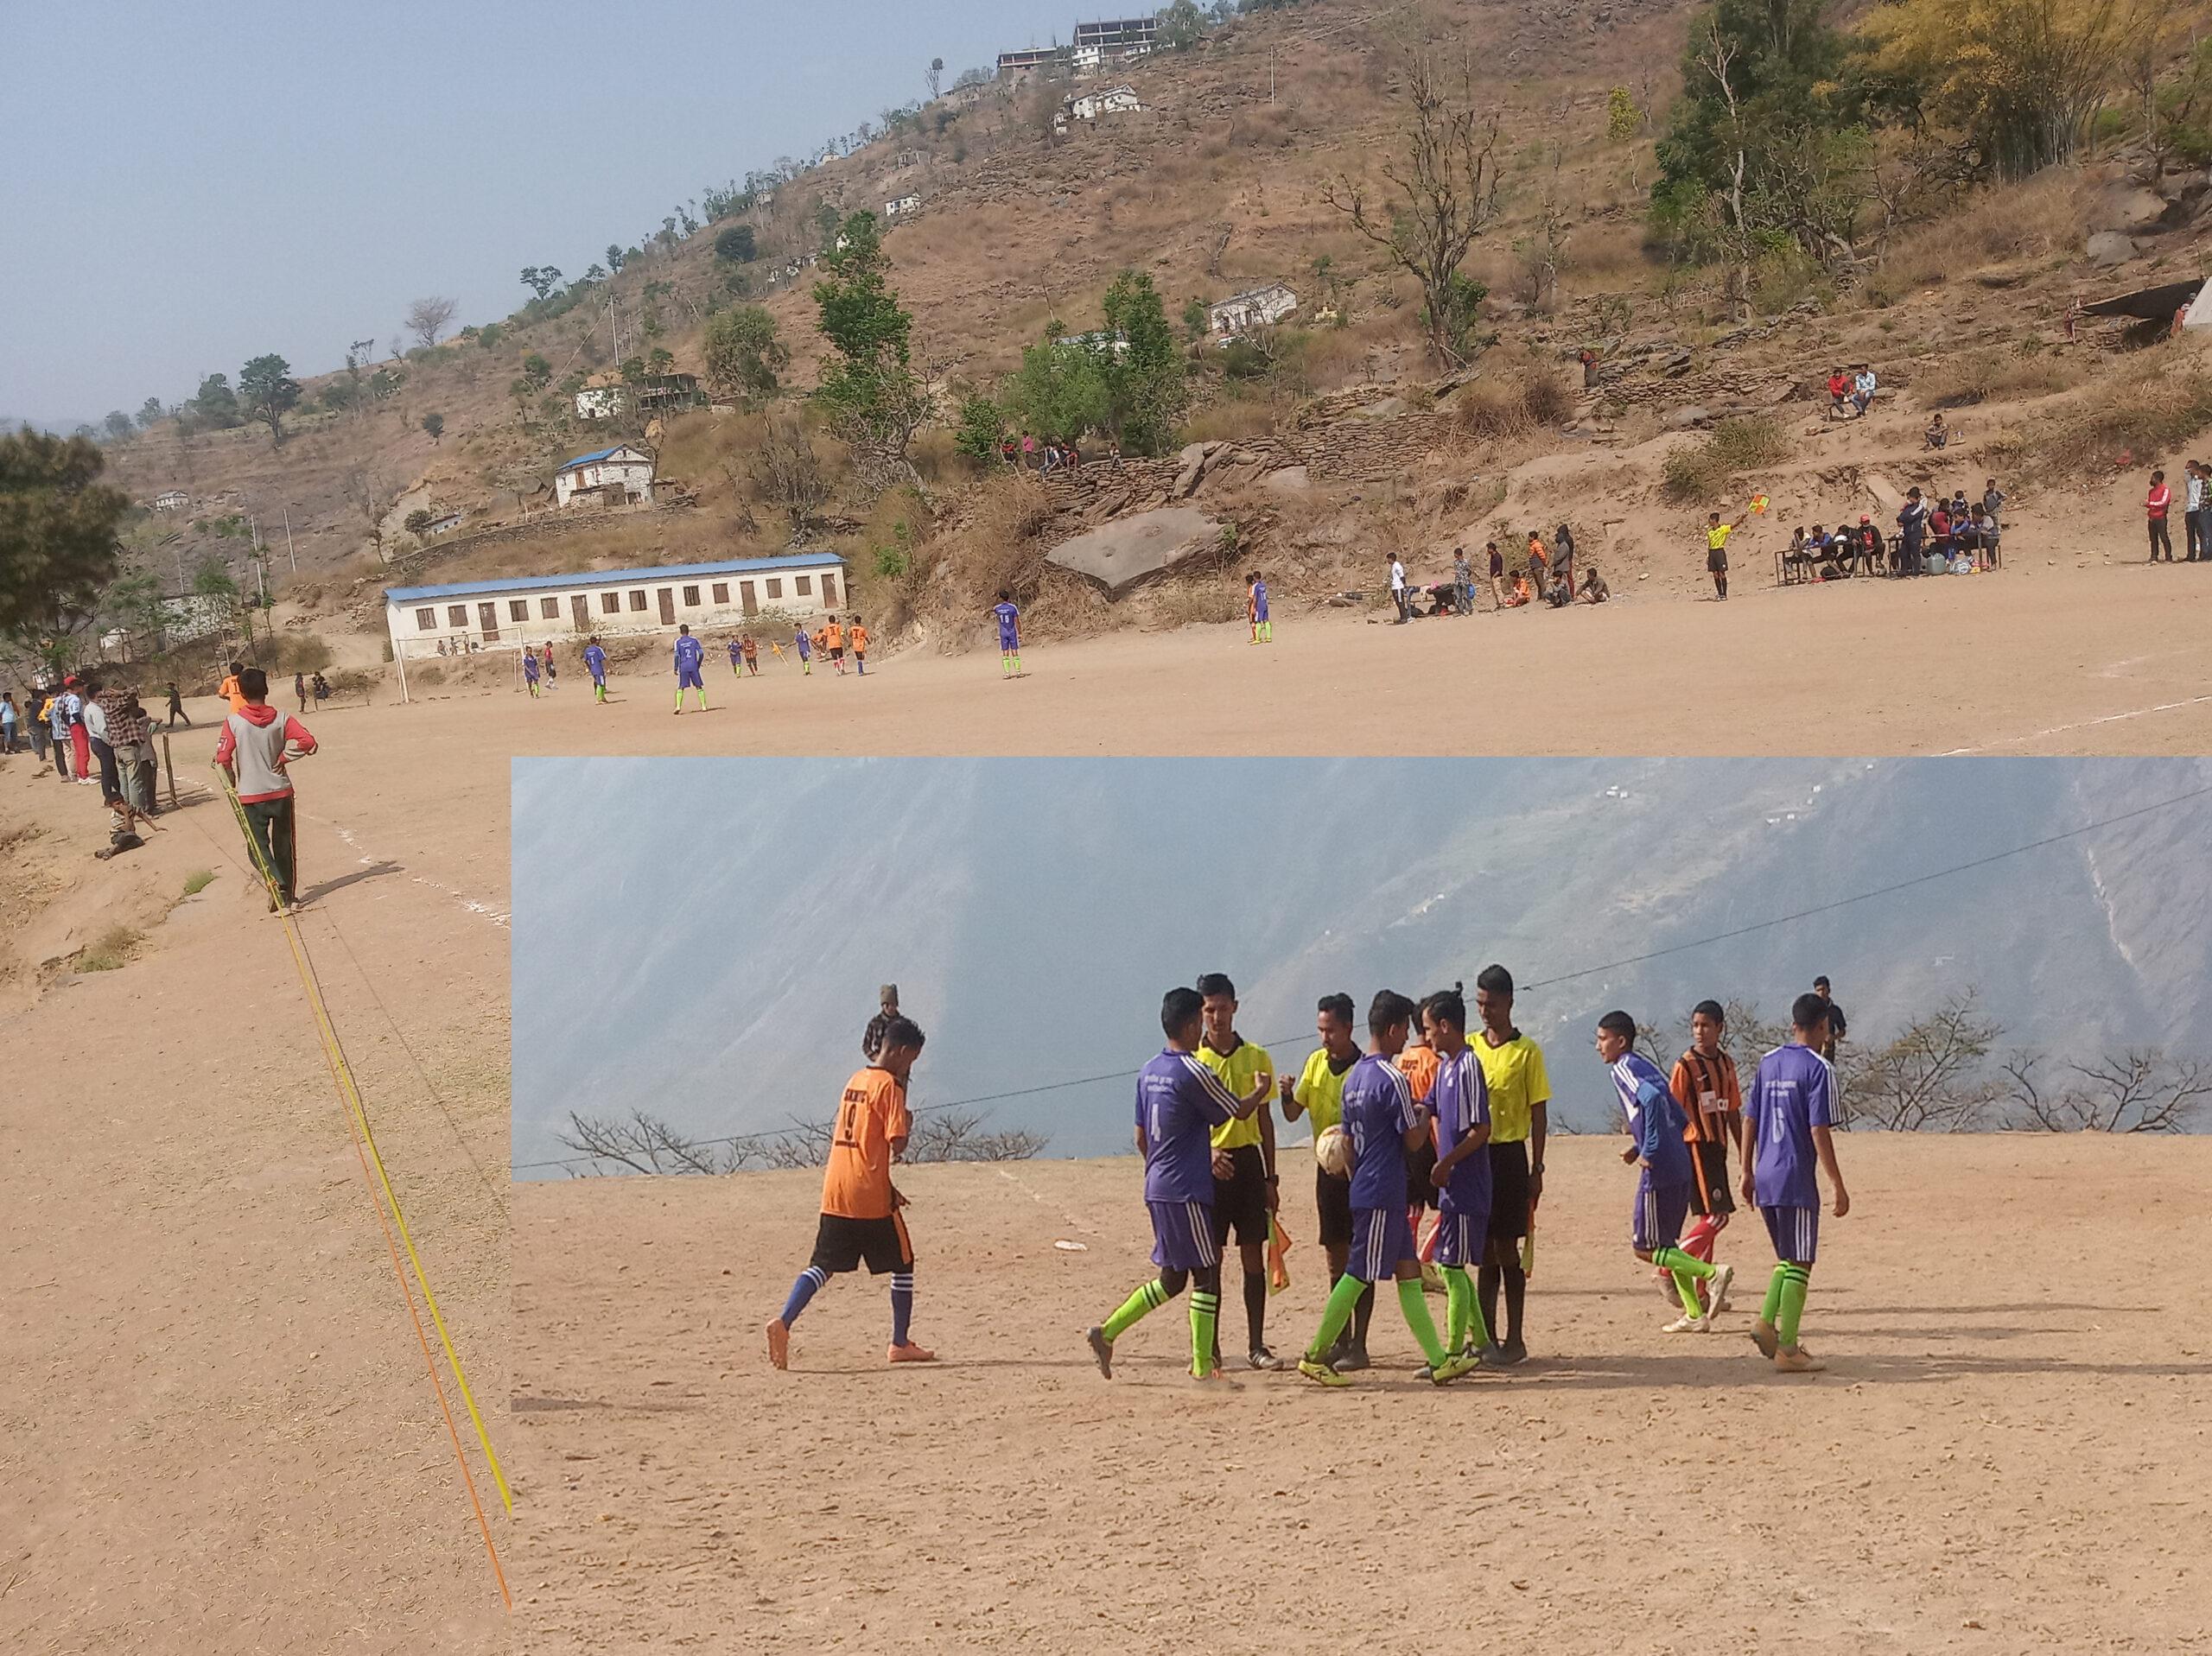 प्रथम योगी नरहरीनाथ फुटवल खेलको चौथो दिन ४ गेम हुदै